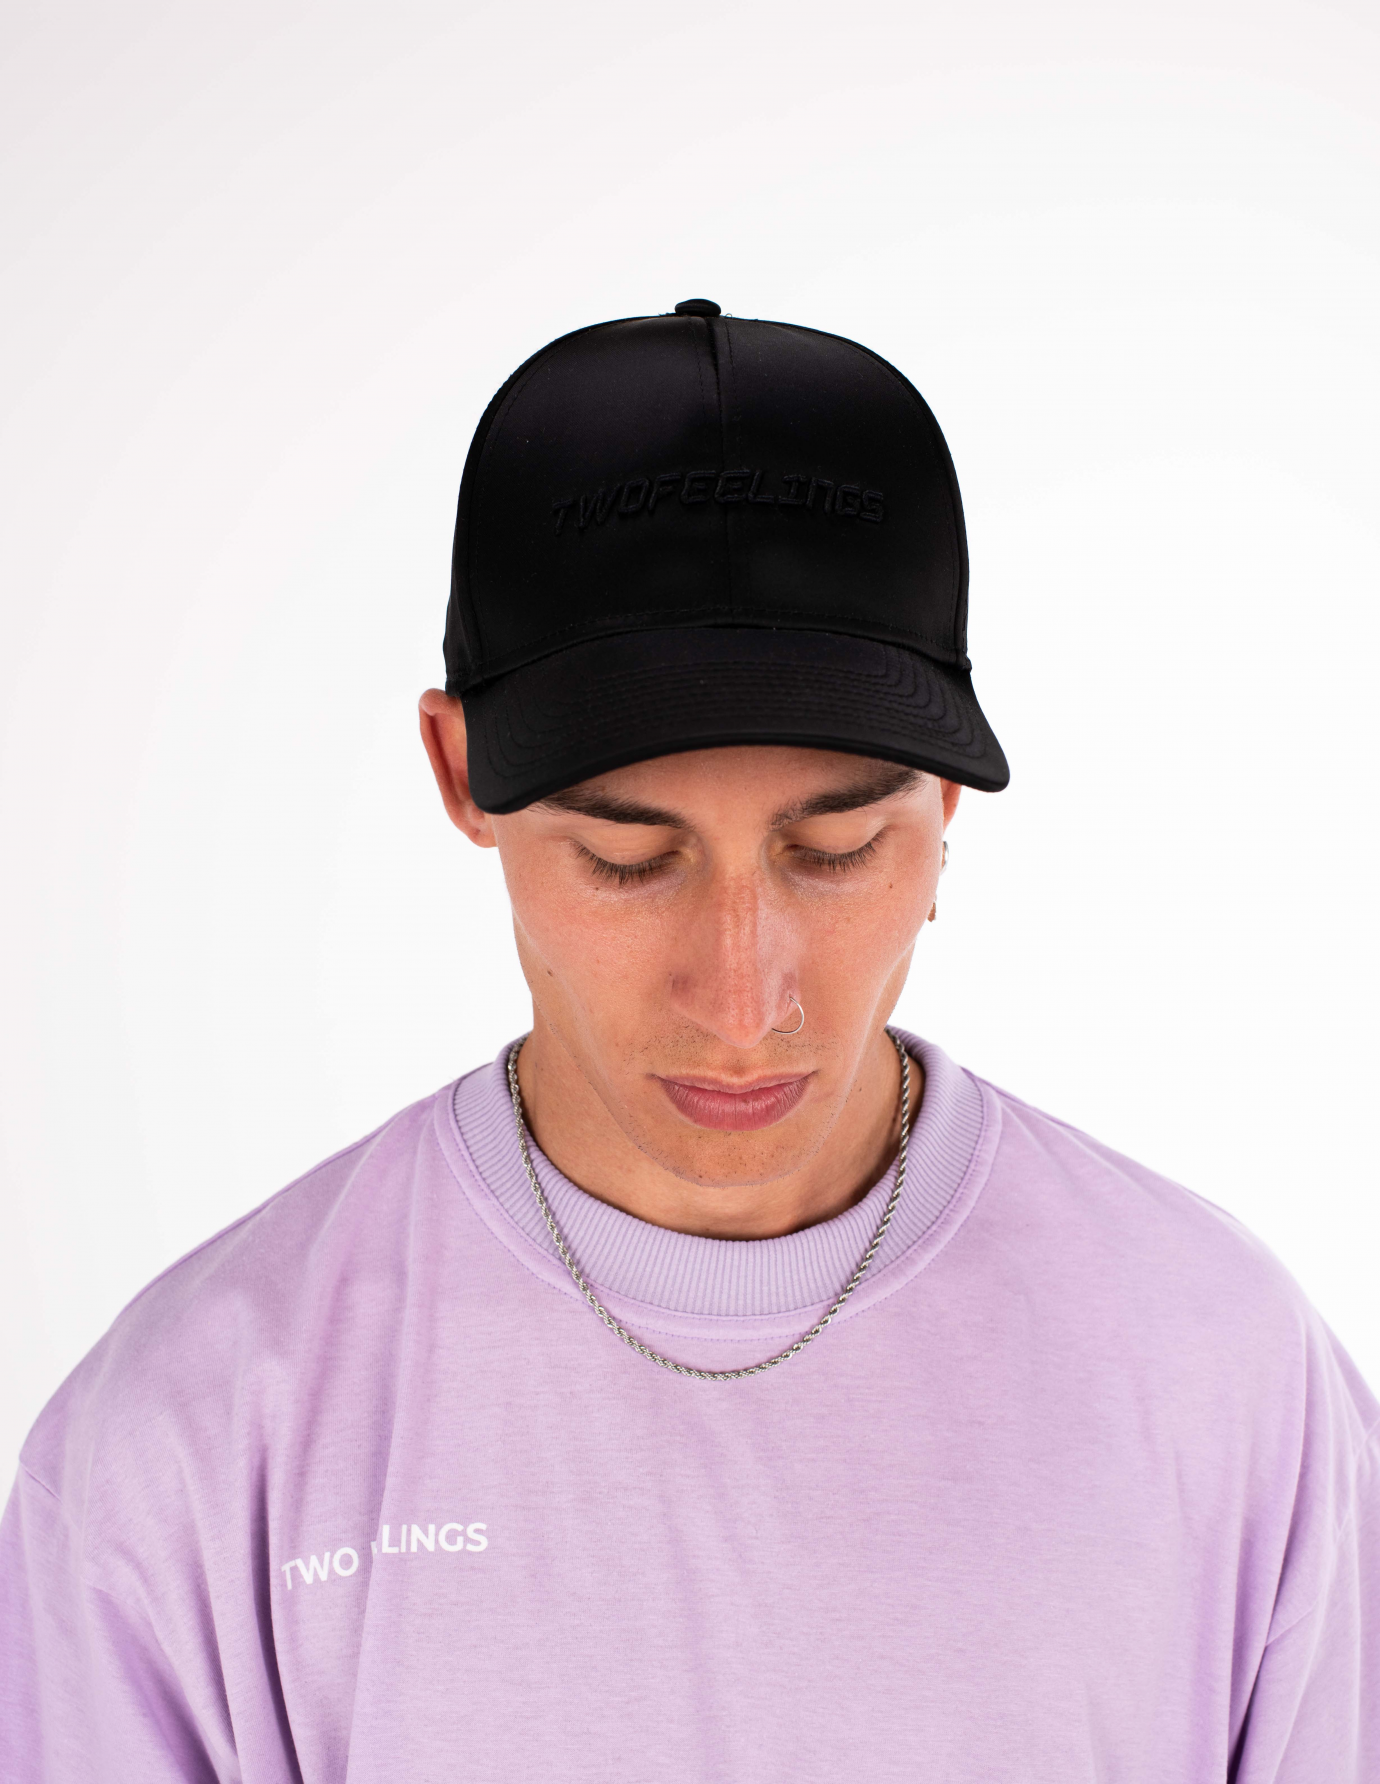 Satin Black Cap